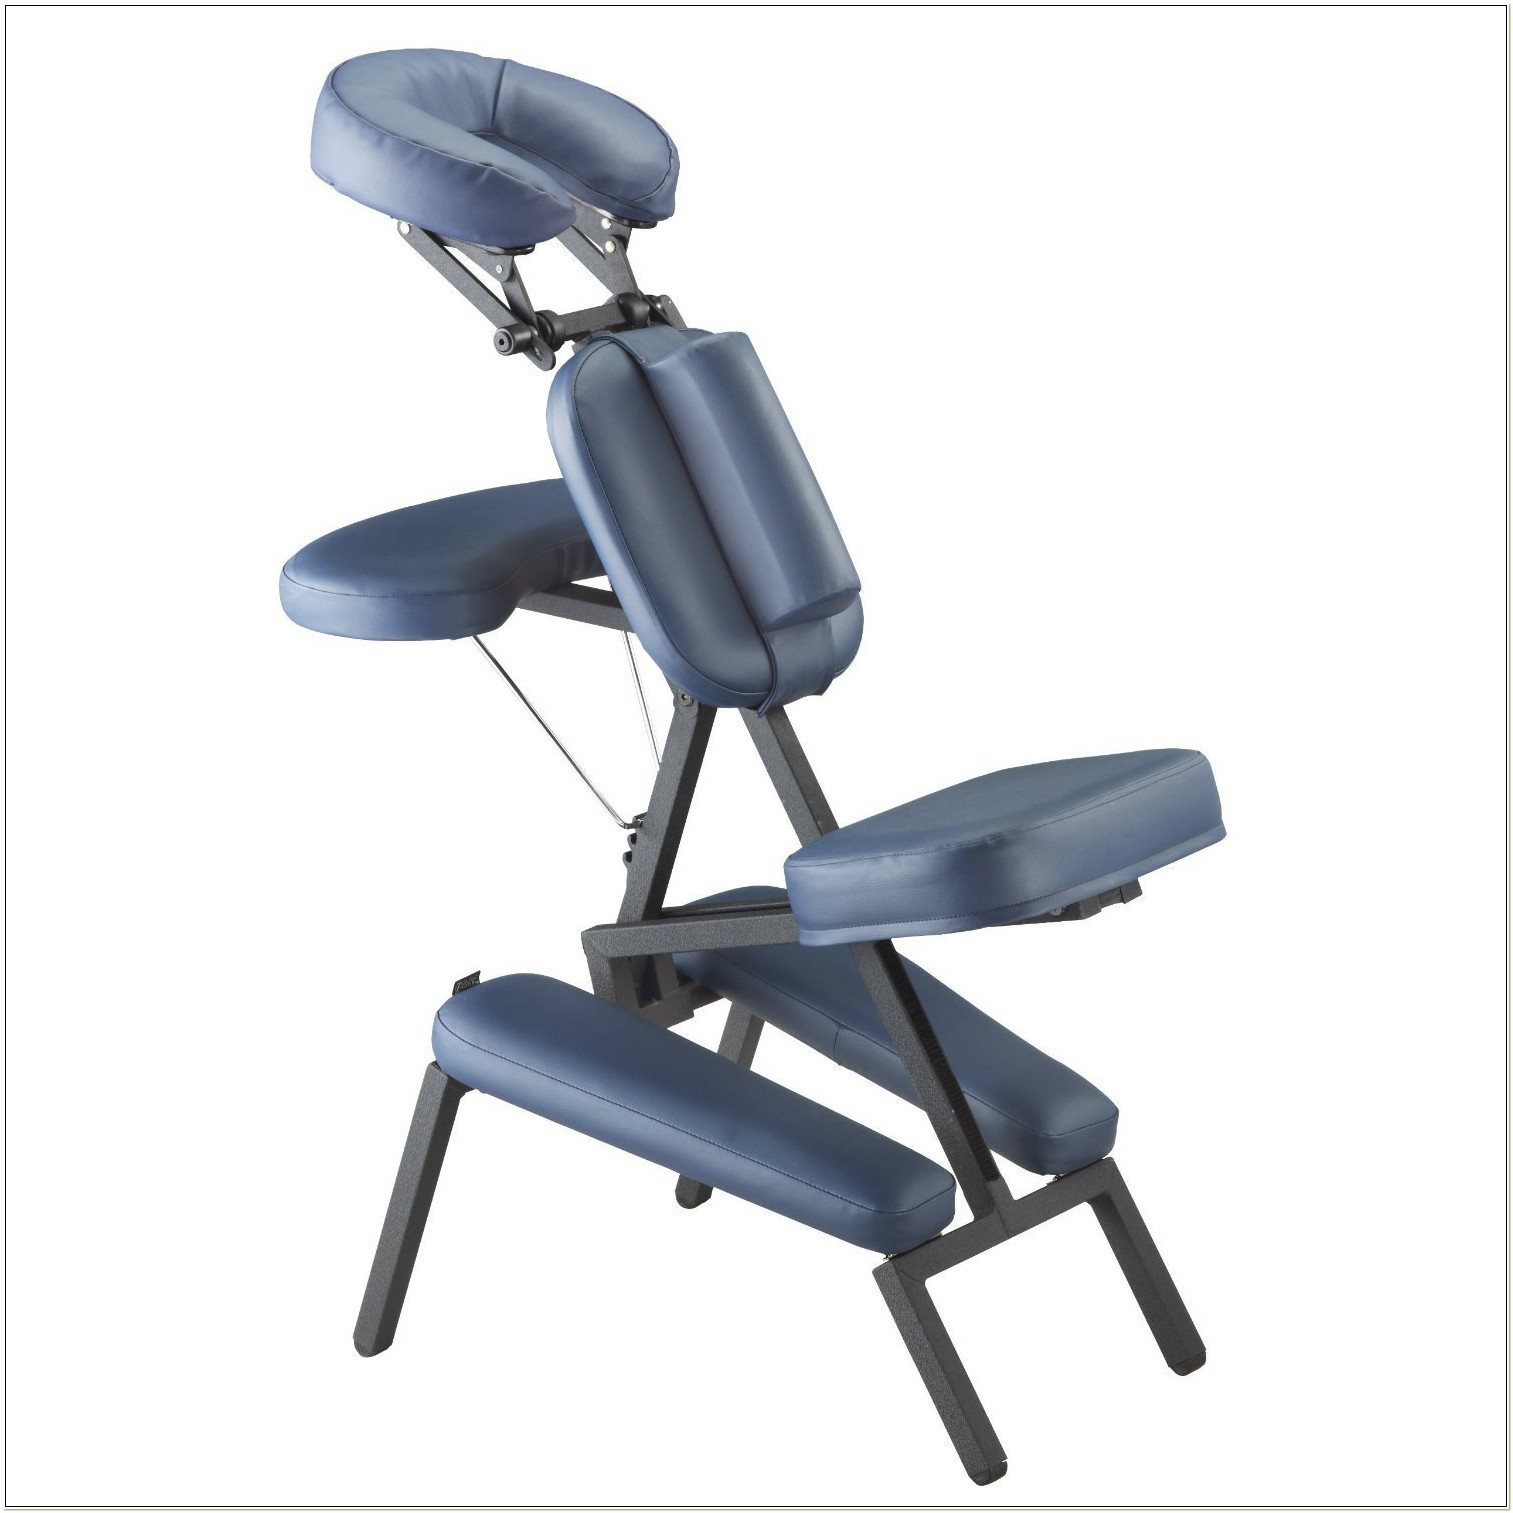 Best Cheap Portable Massage Chair